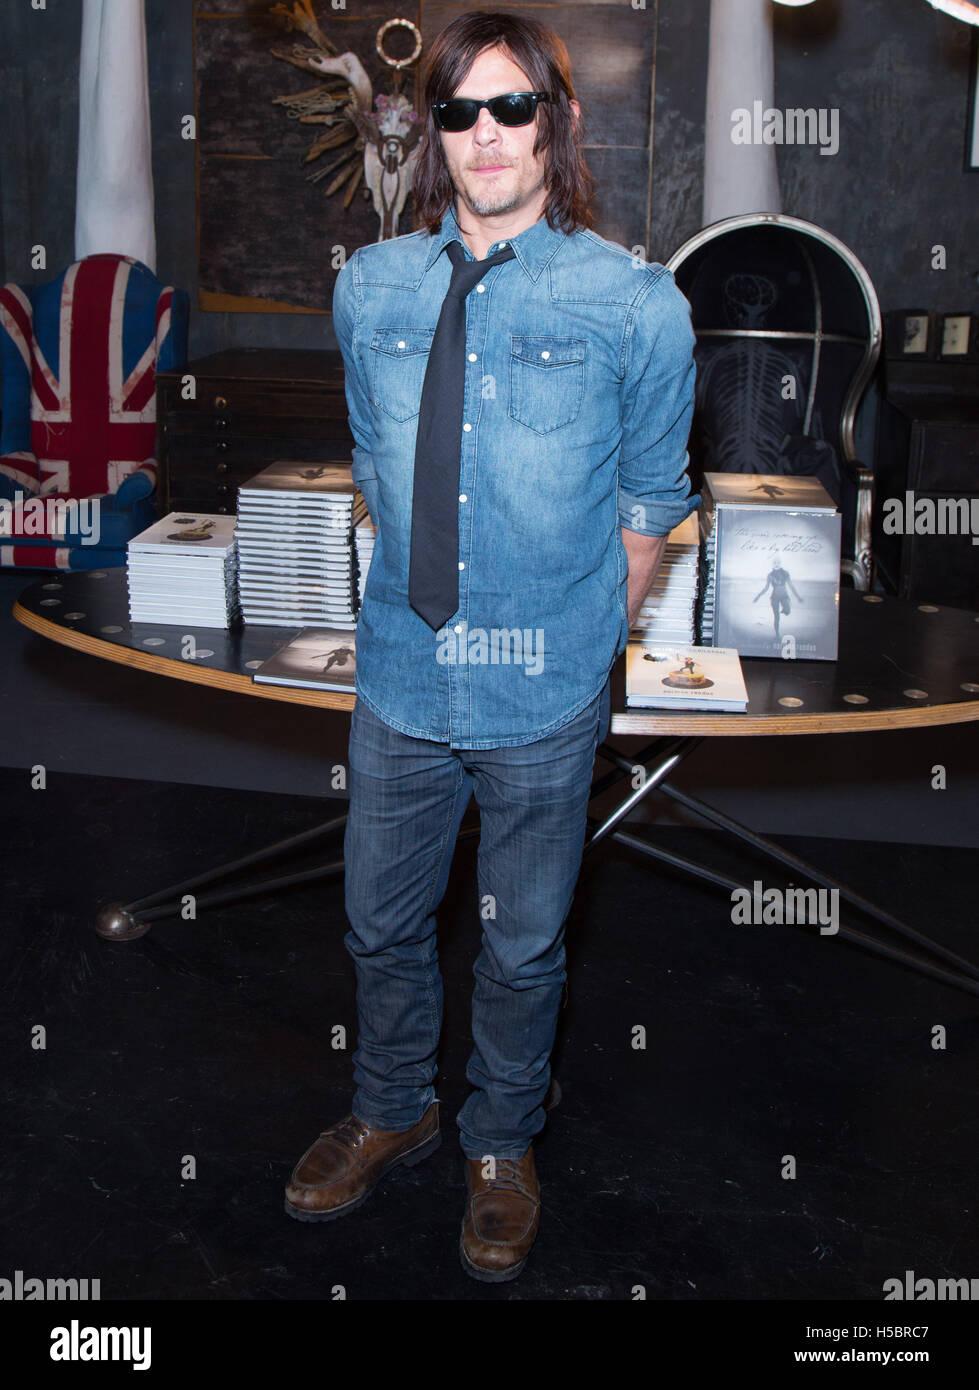 El actor Norman Reedus atiende Norman Reedus: un fino arte Fotografía Exposición en Voila! Galería de fotos el 22 de noviembre de 2015 en Los Ángeles, California, Estados Unidos. Foto de stock